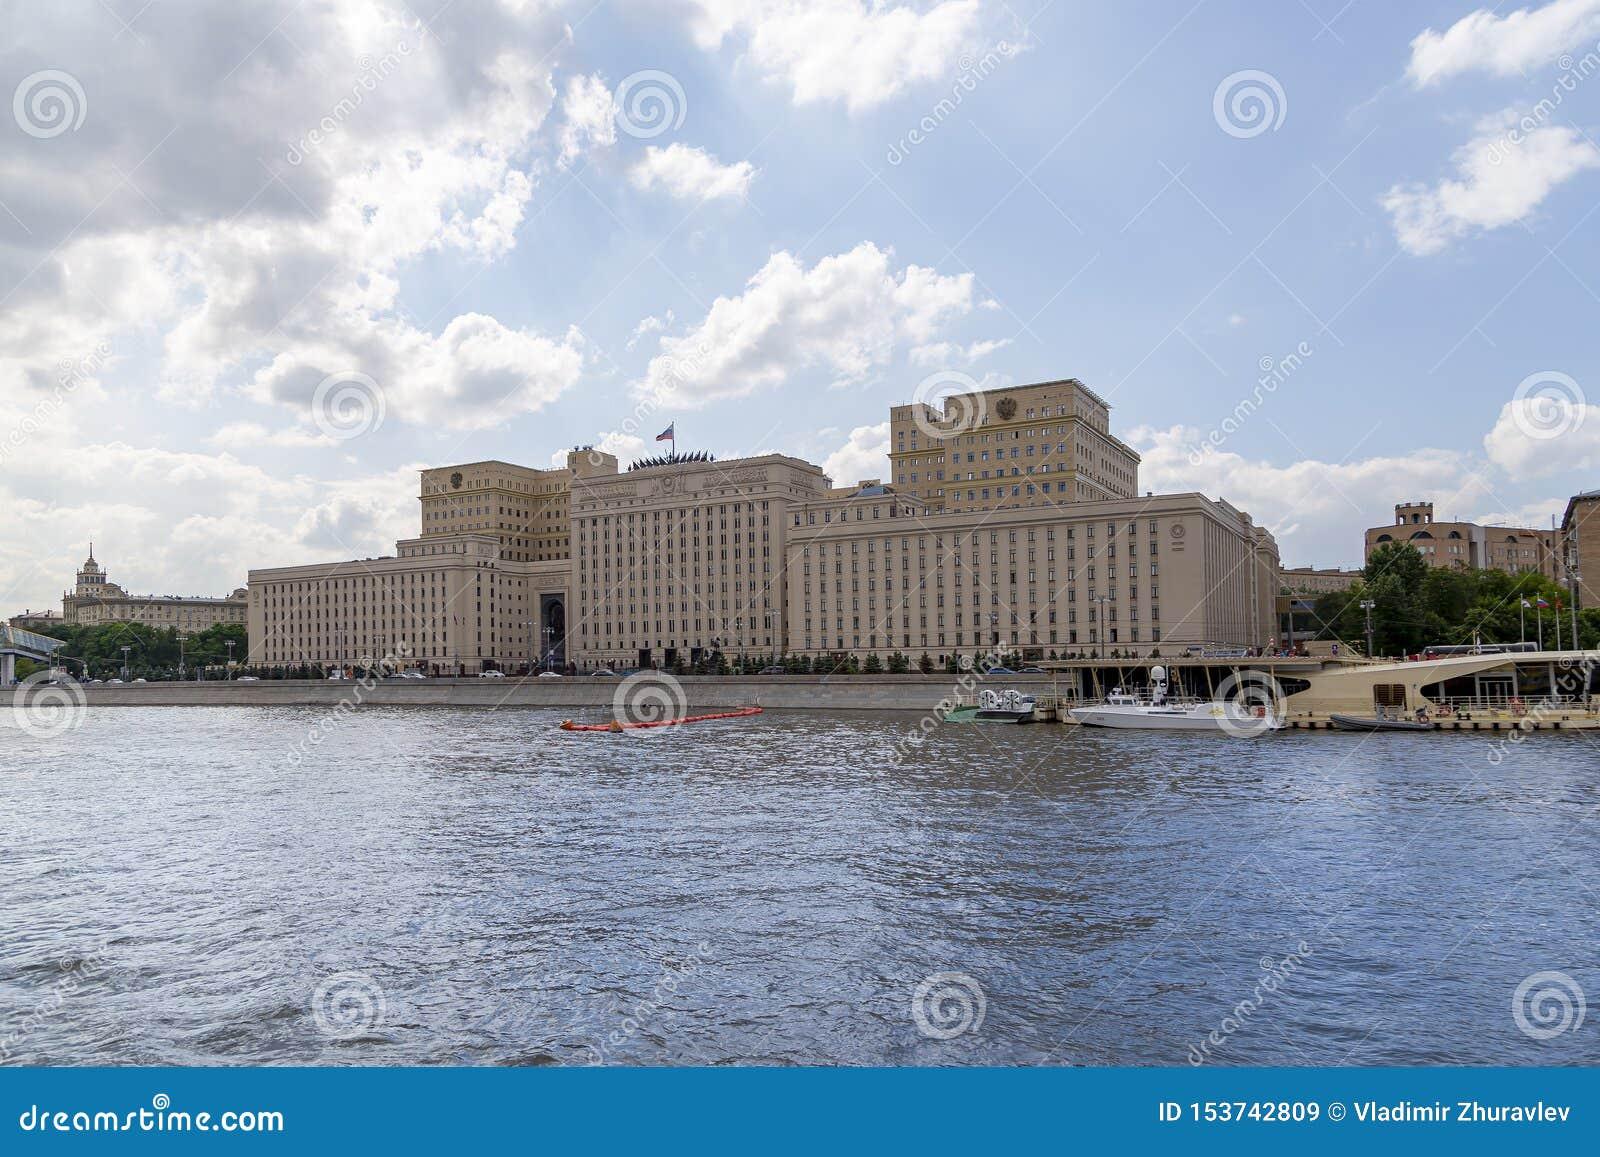 Costruzione principale del Ministero della difesa della Federazione Russa Minoboron, Mosca, Russia